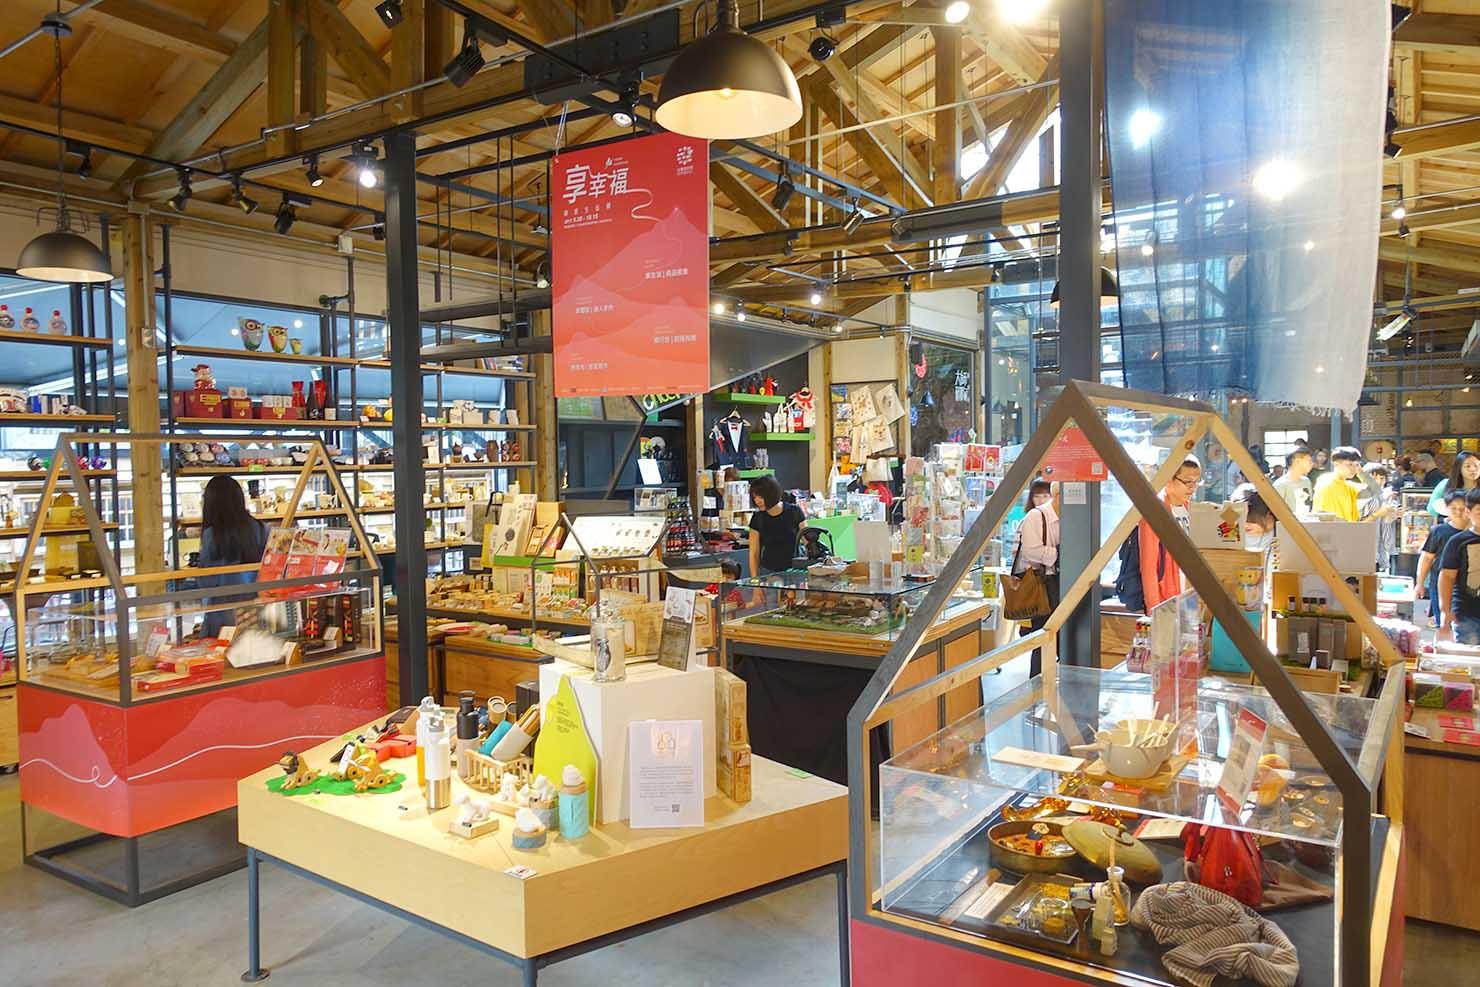 台湾の古都・台南のおすすめ観光スポット「藍晒圖文創園區」のデザインショップ